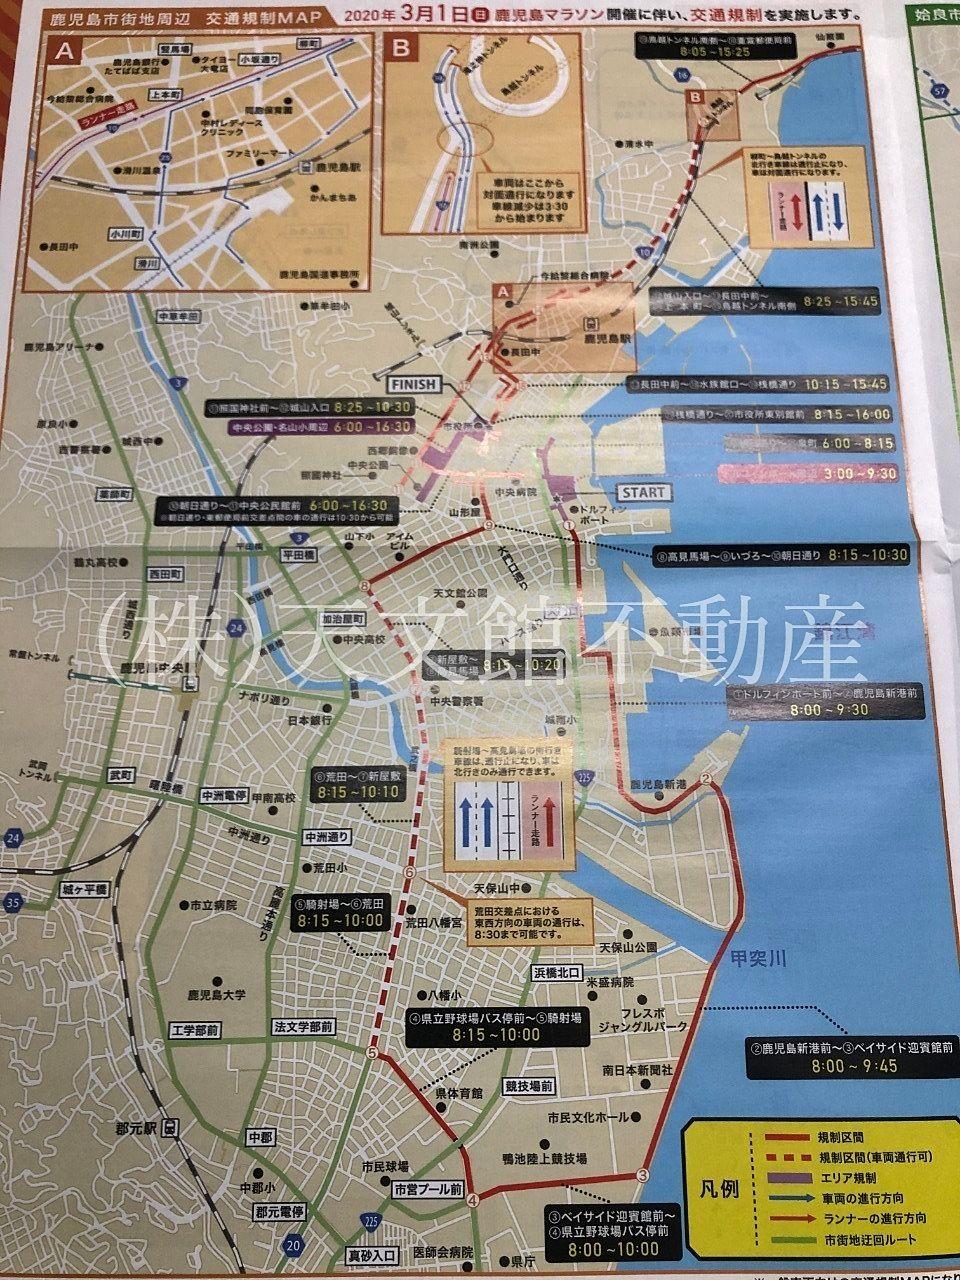 鹿児島マラソン 交通規制